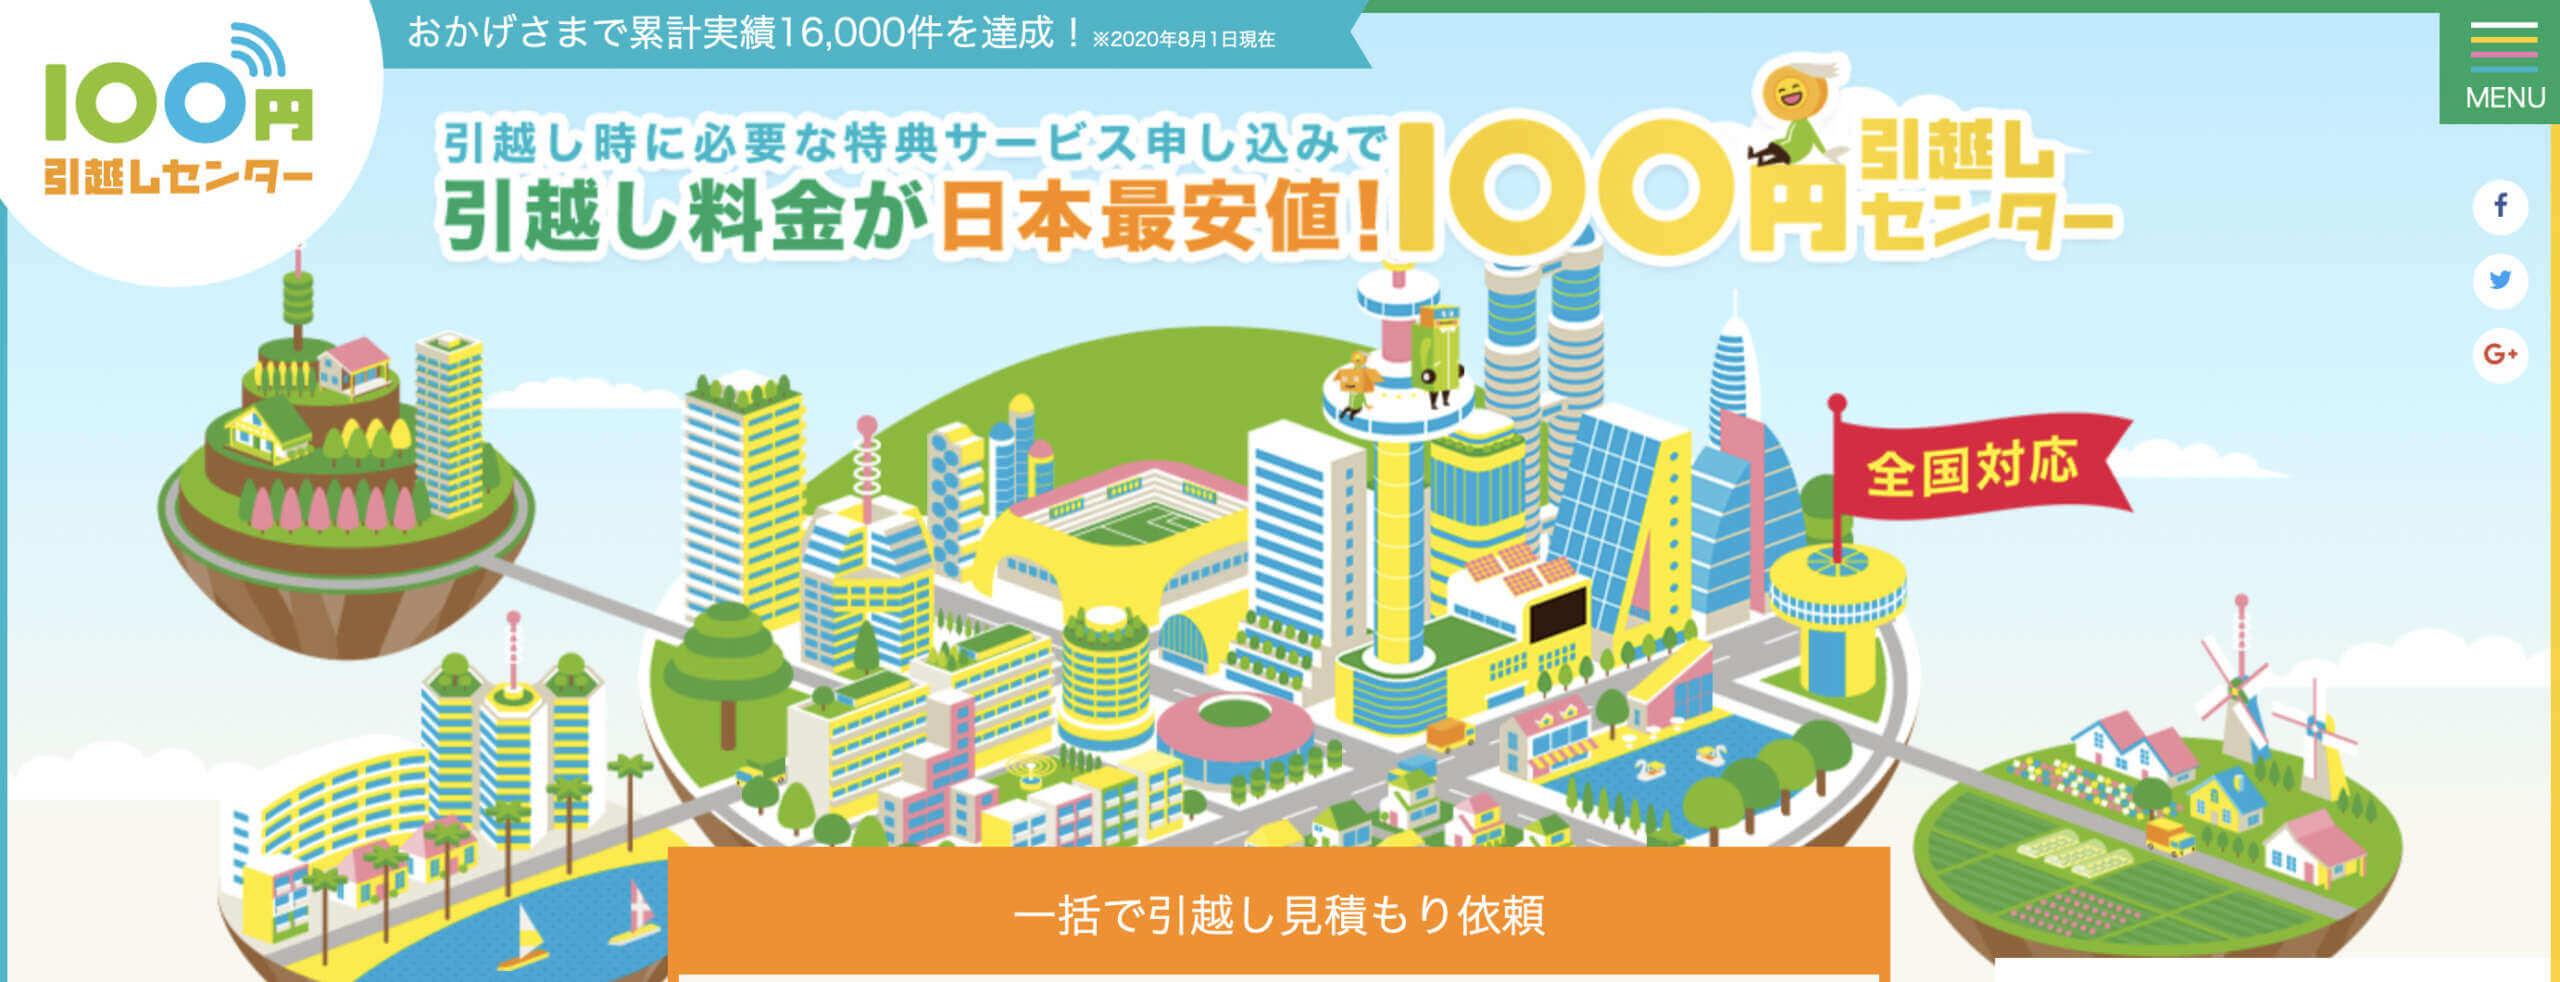 100円引越しセンター